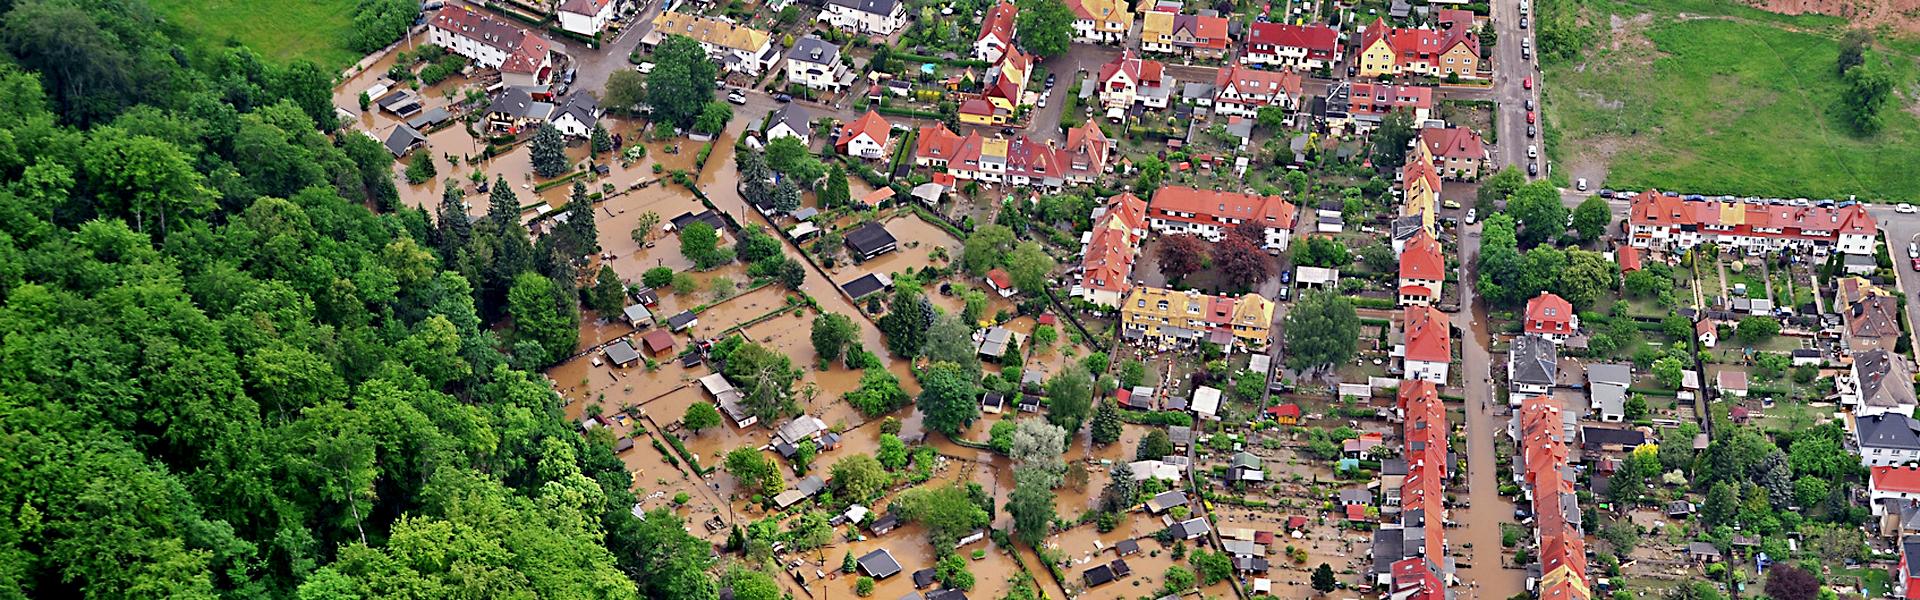 Luftbild eines überfluteten Stadtteils.